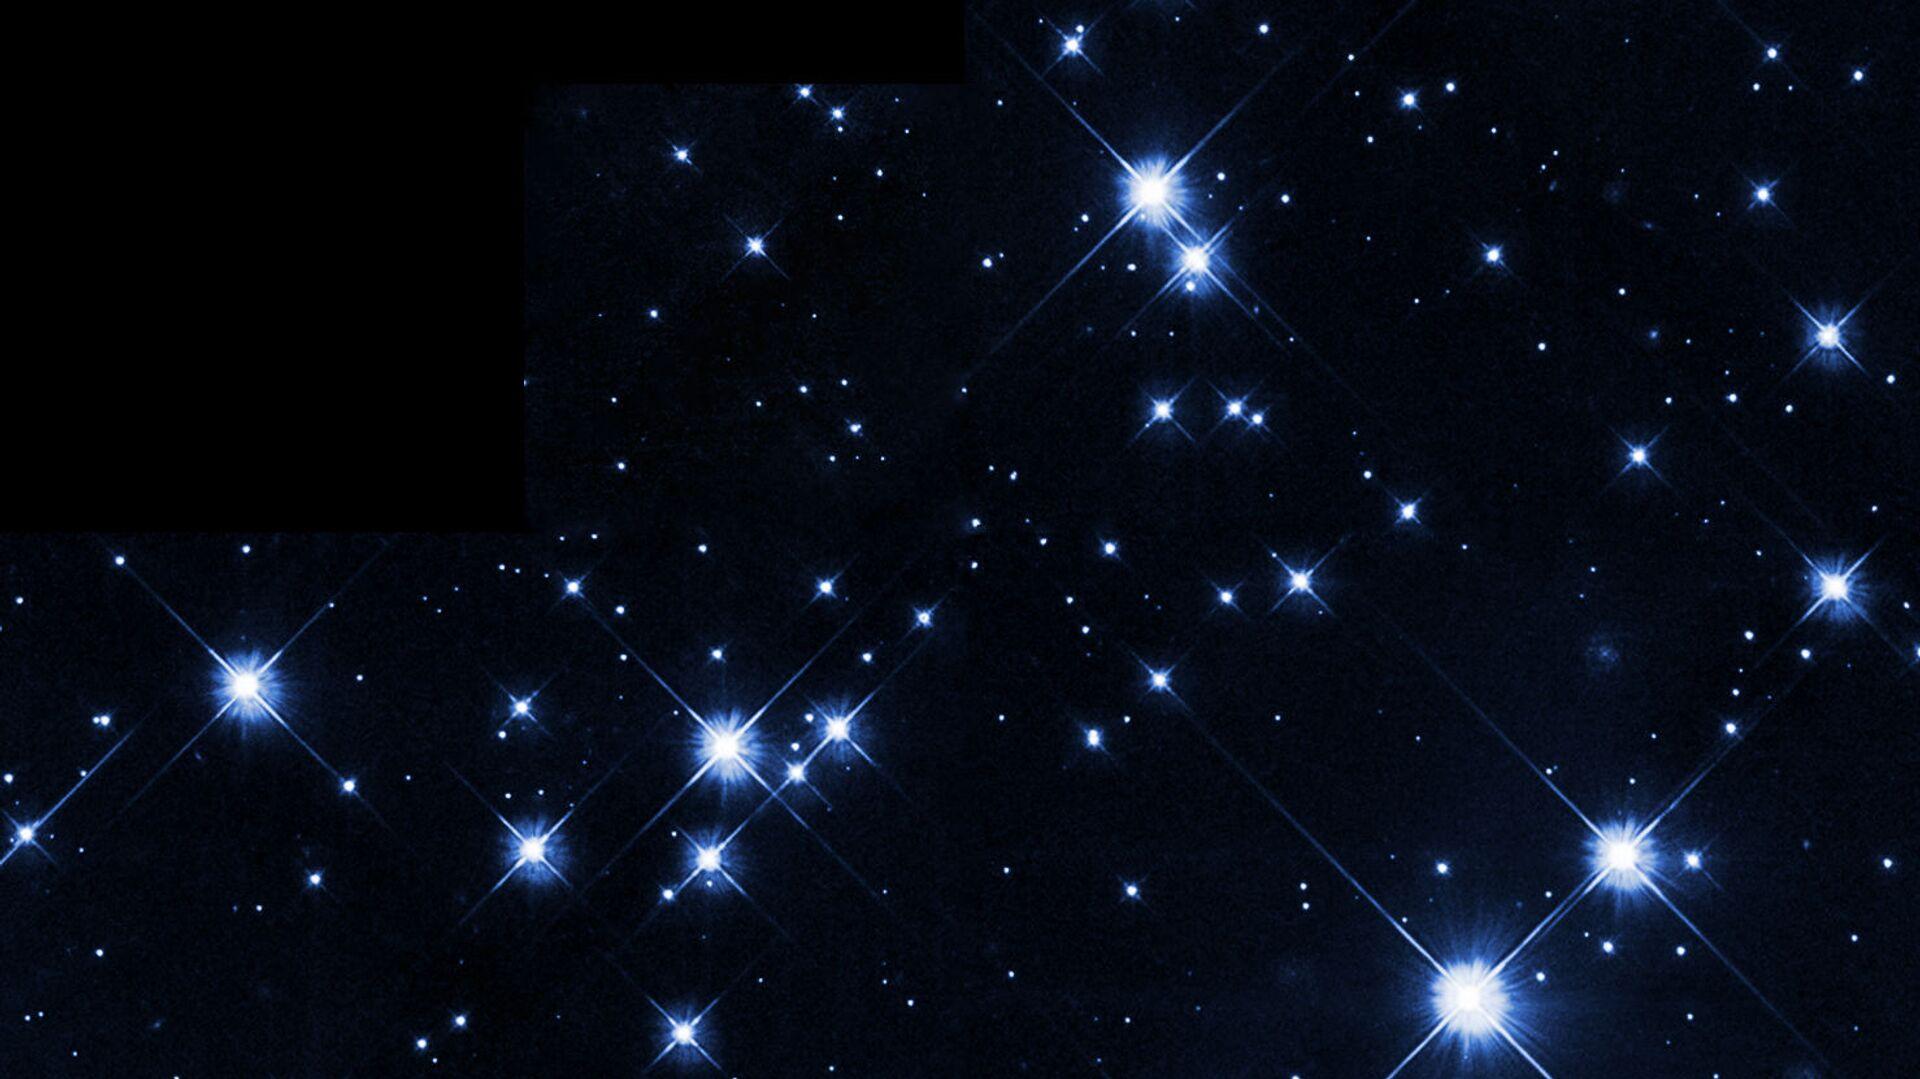 Hubble tarafından çekilen uzay görüntüleri - Sputnik Türkiye, 1920, 17.09.2021